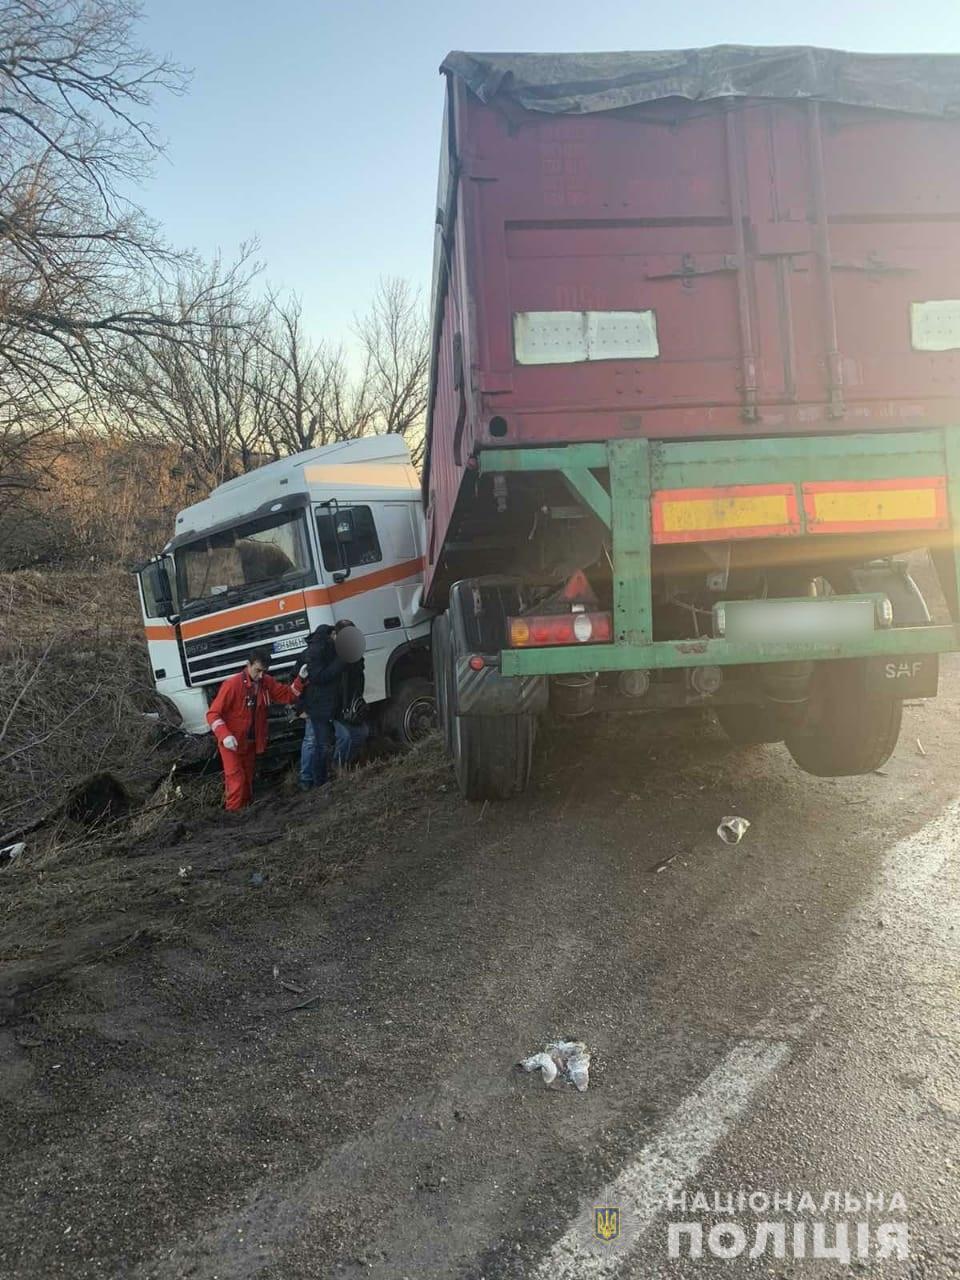 Смертельная авария под Киевом: грузовик столкнулся с легковушкой